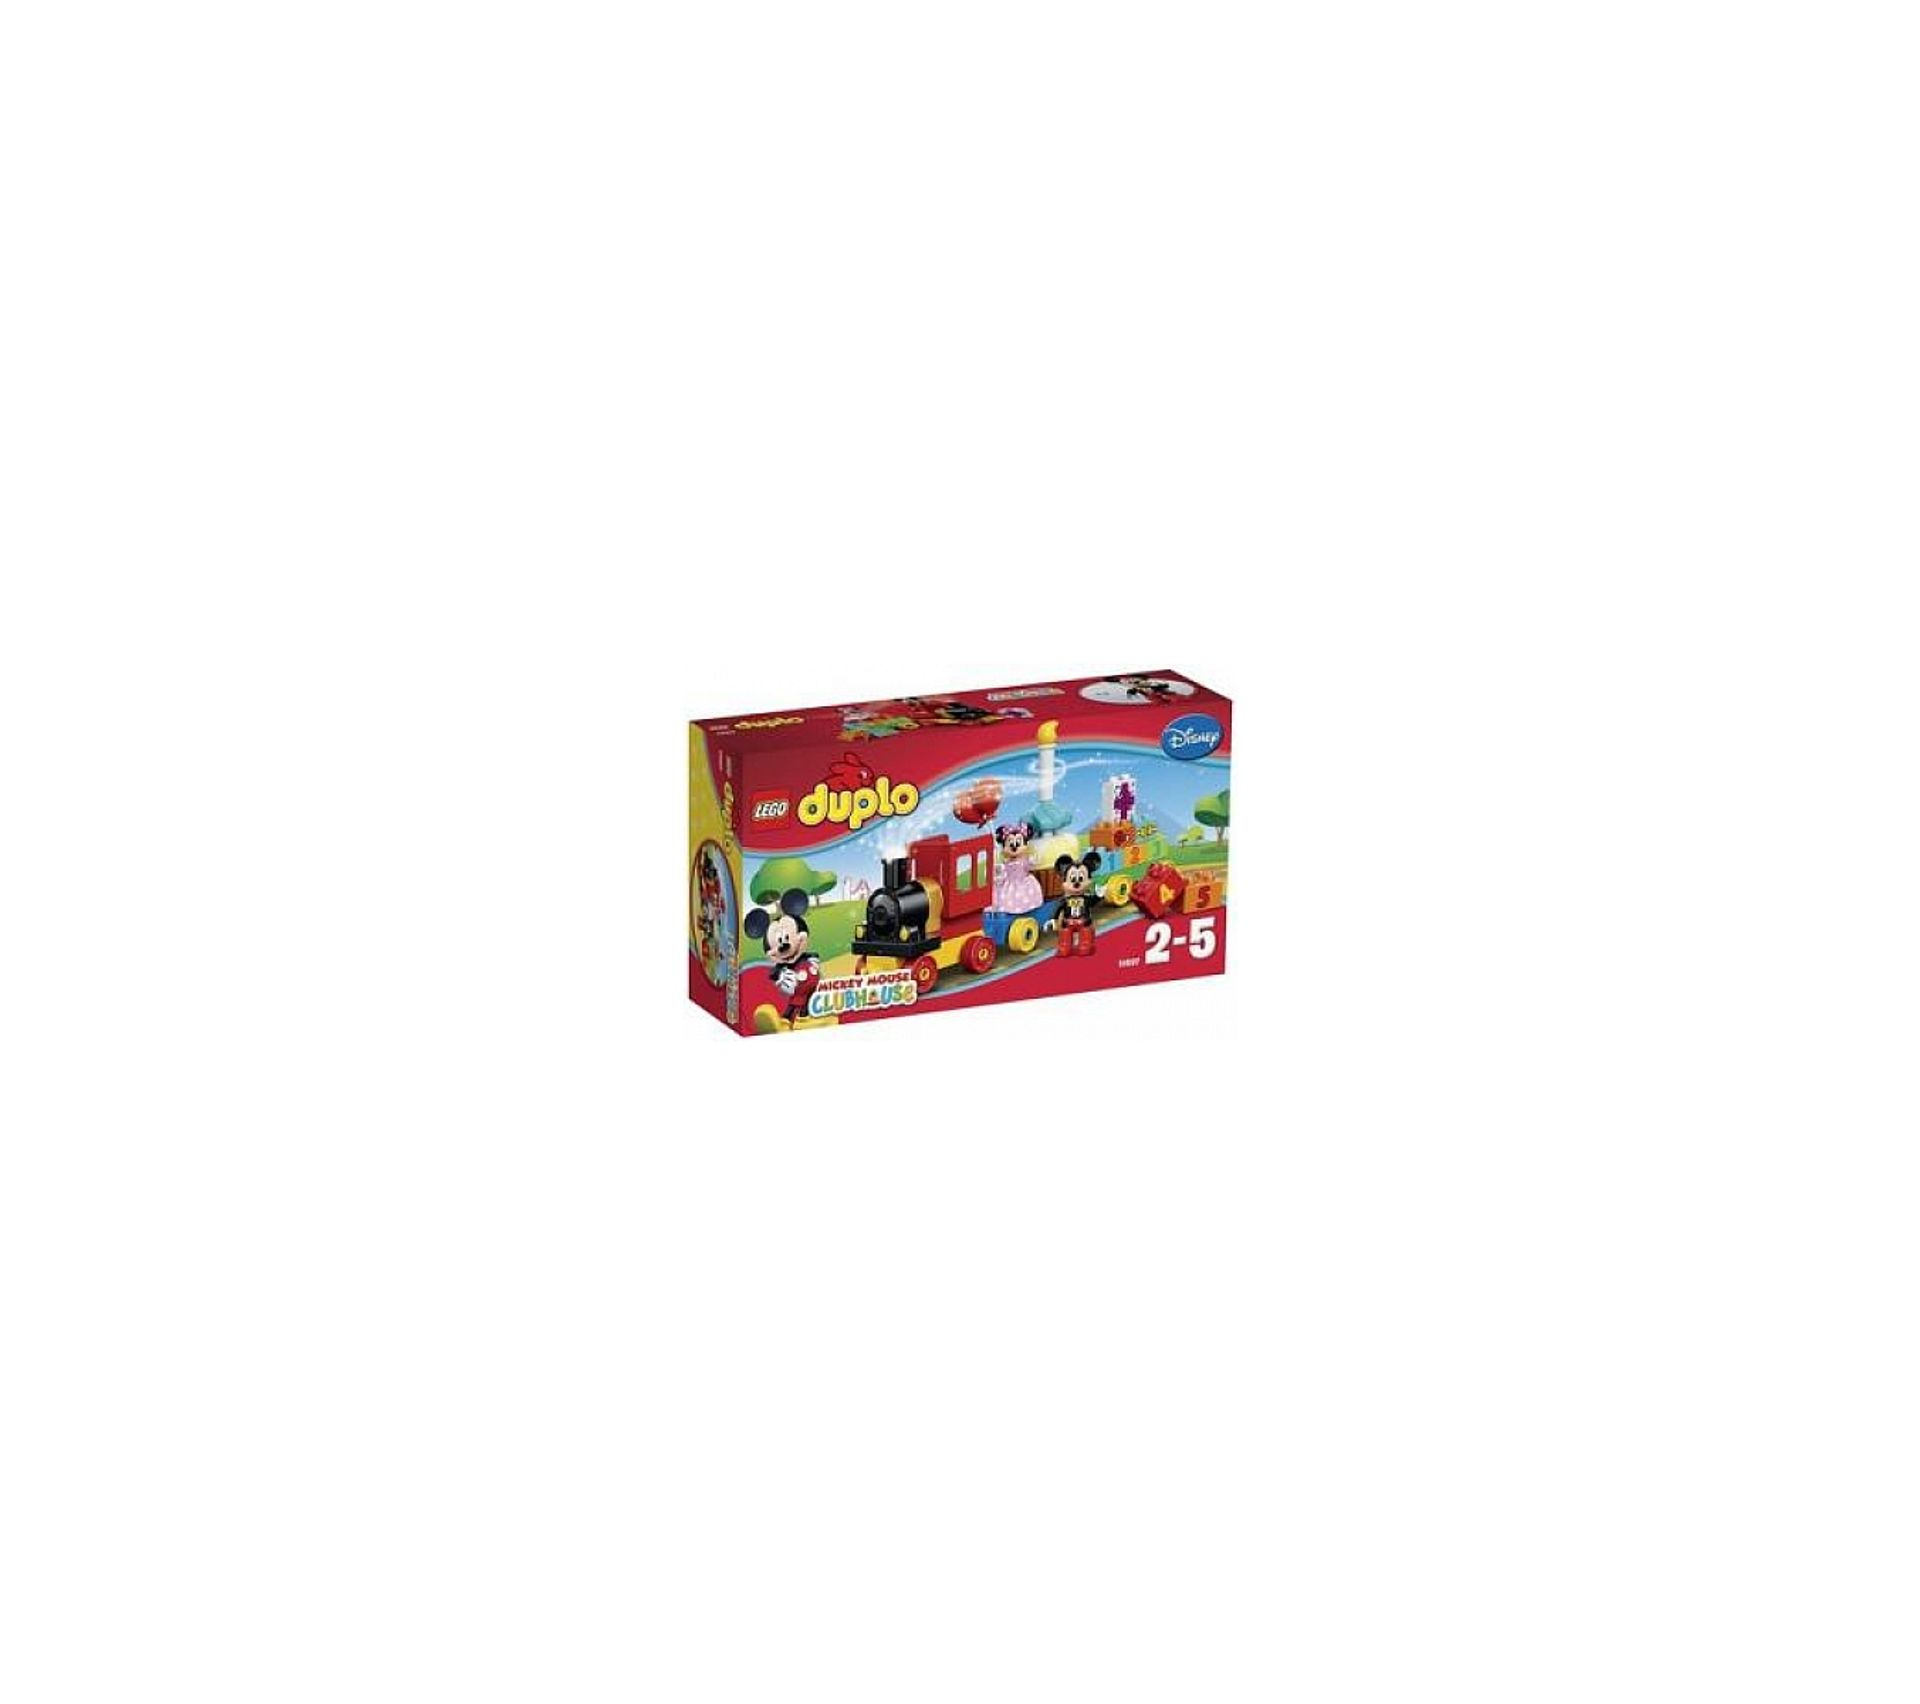 LEGO Duplo-Évier-LAVABO avec ROBINET-Rouge-Cuisine-Maison de Poupée